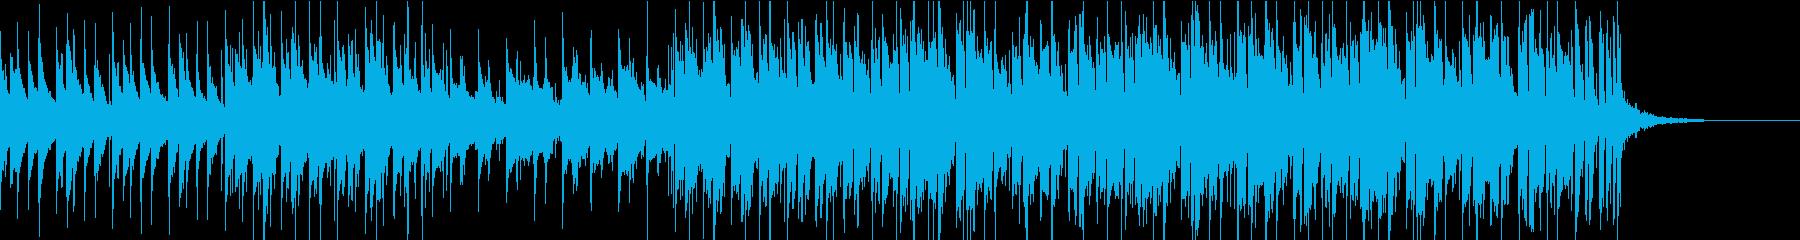 企業VPや映像に軽快・わくわく・感動Lの再生済みの波形